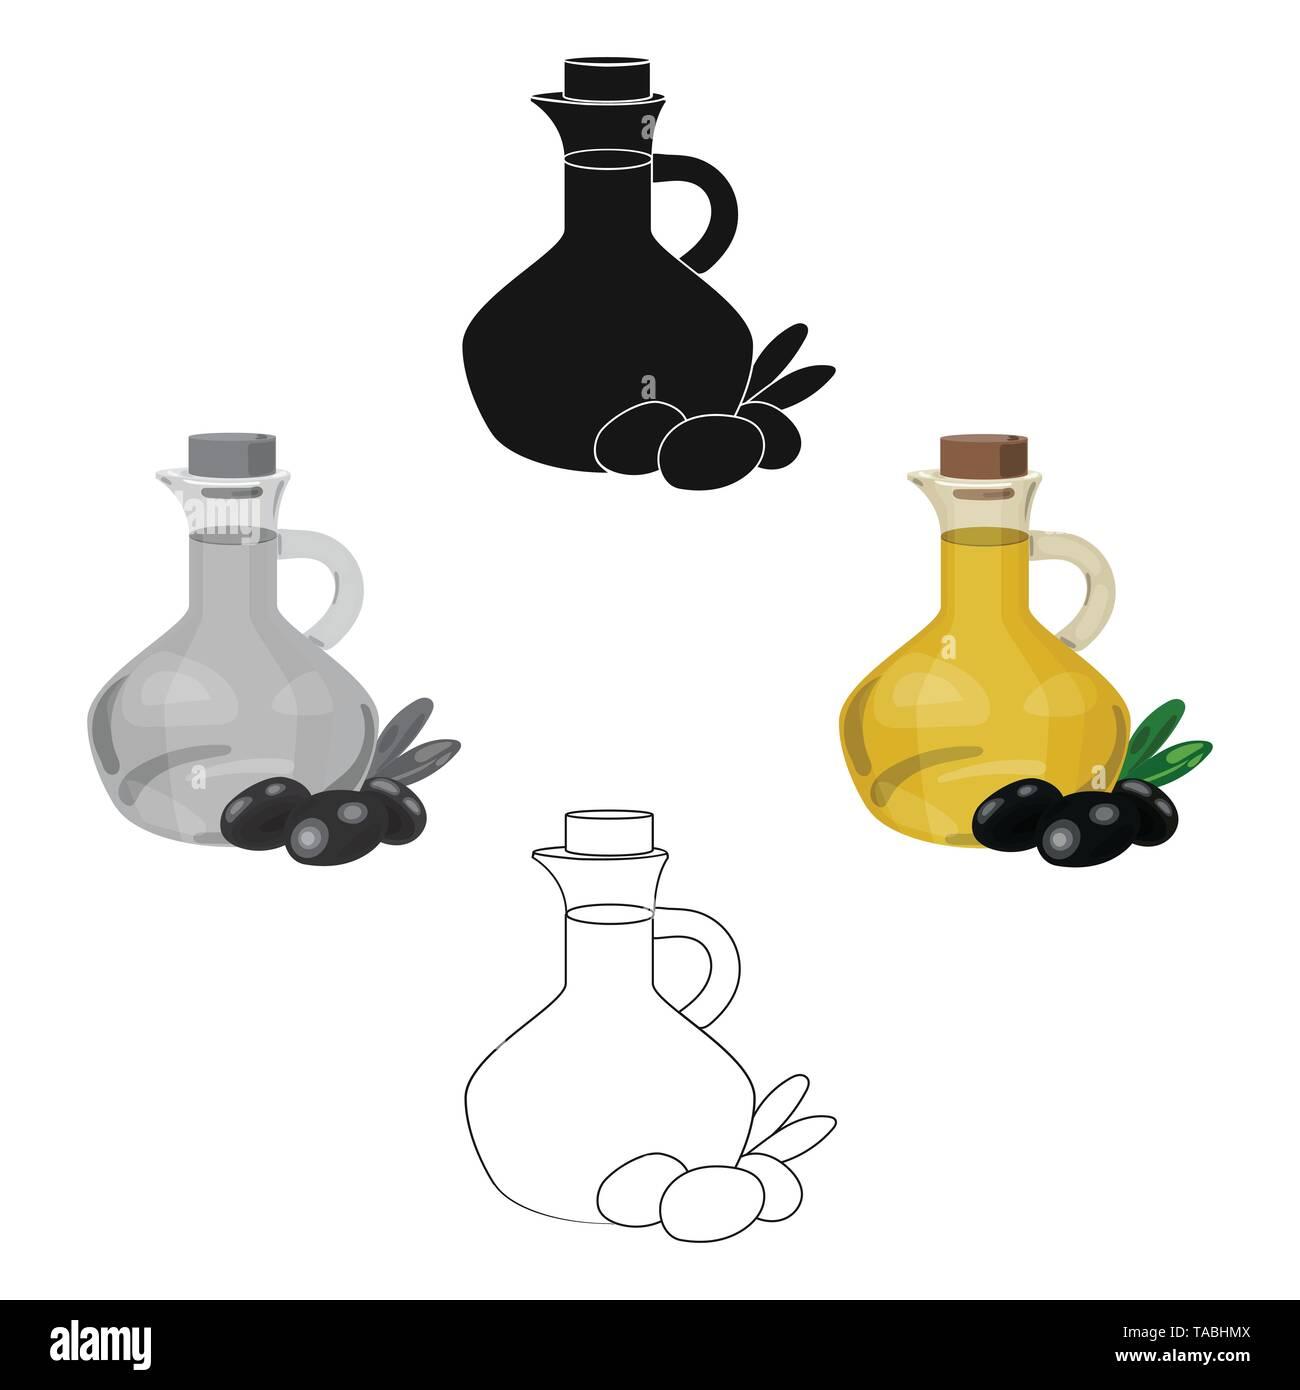 Olivenöl Flasche mit Cartoon, schwarze Oliven Zweig Symbol im Cartoon Stil, schwarz auf weißem Hintergrund. Griechenland symbol Vektor Illustration. Stockbild